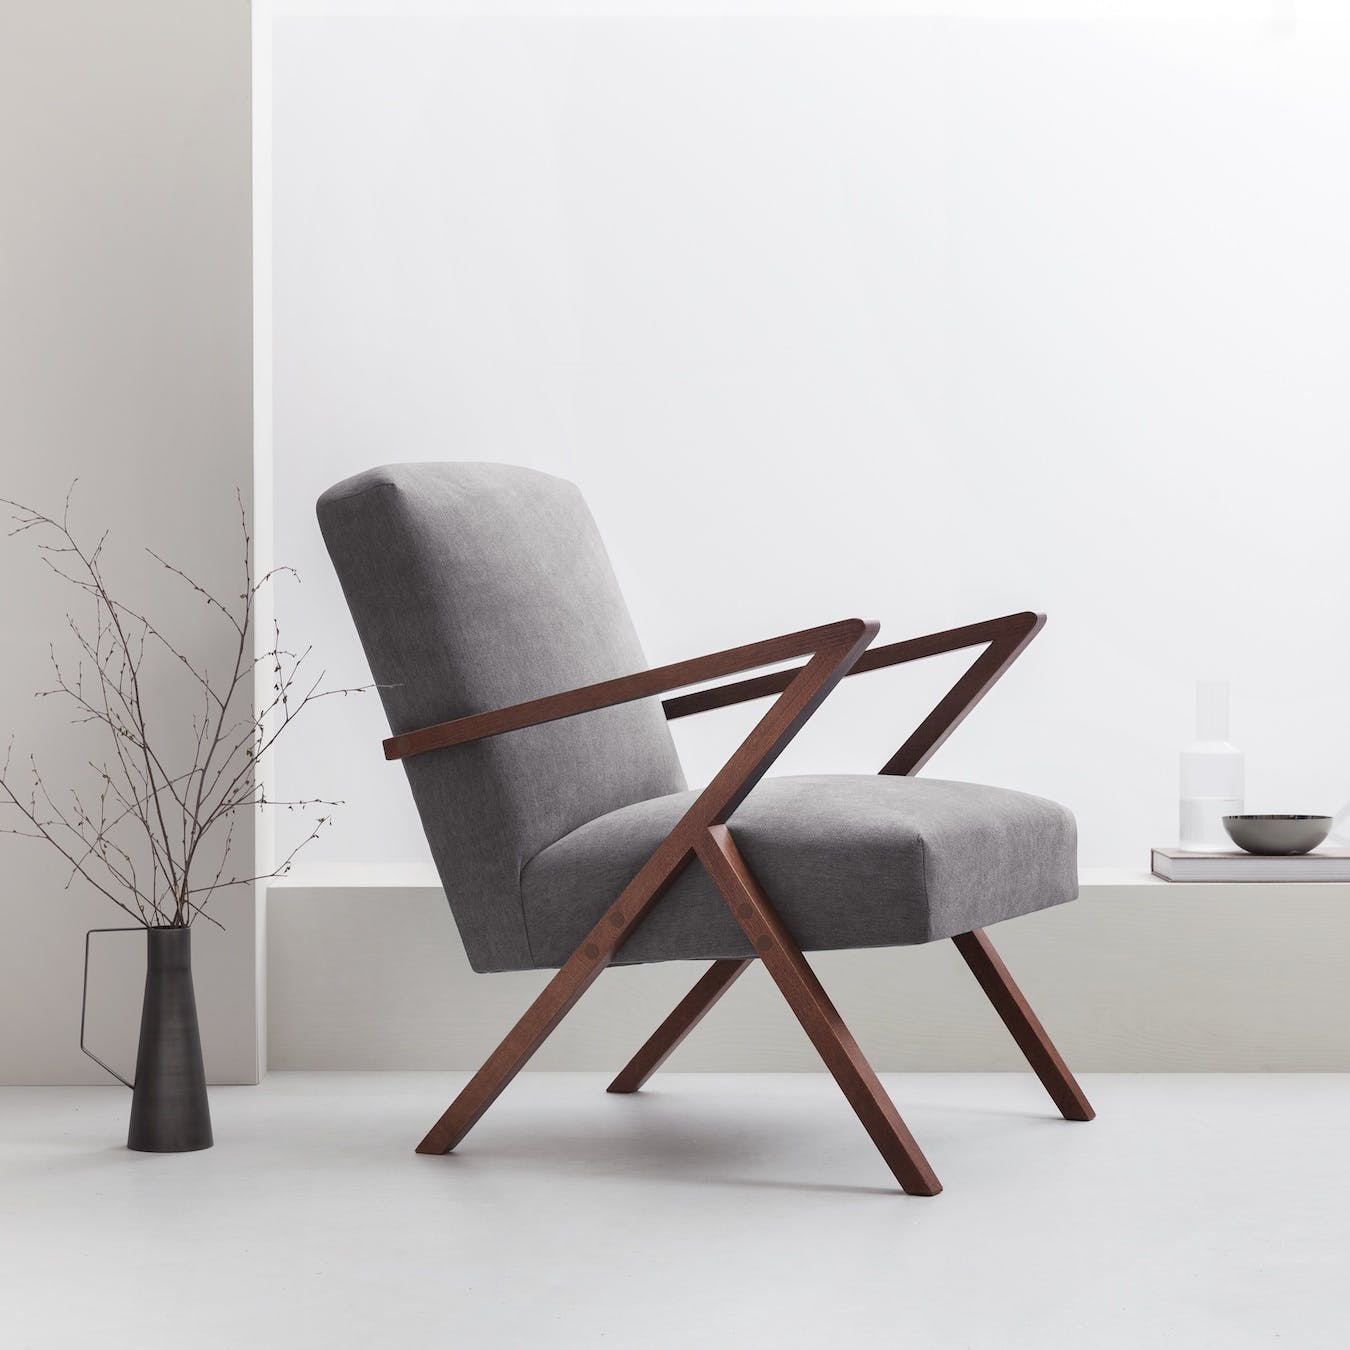 Retrostar Chair - Basic Line in Grey